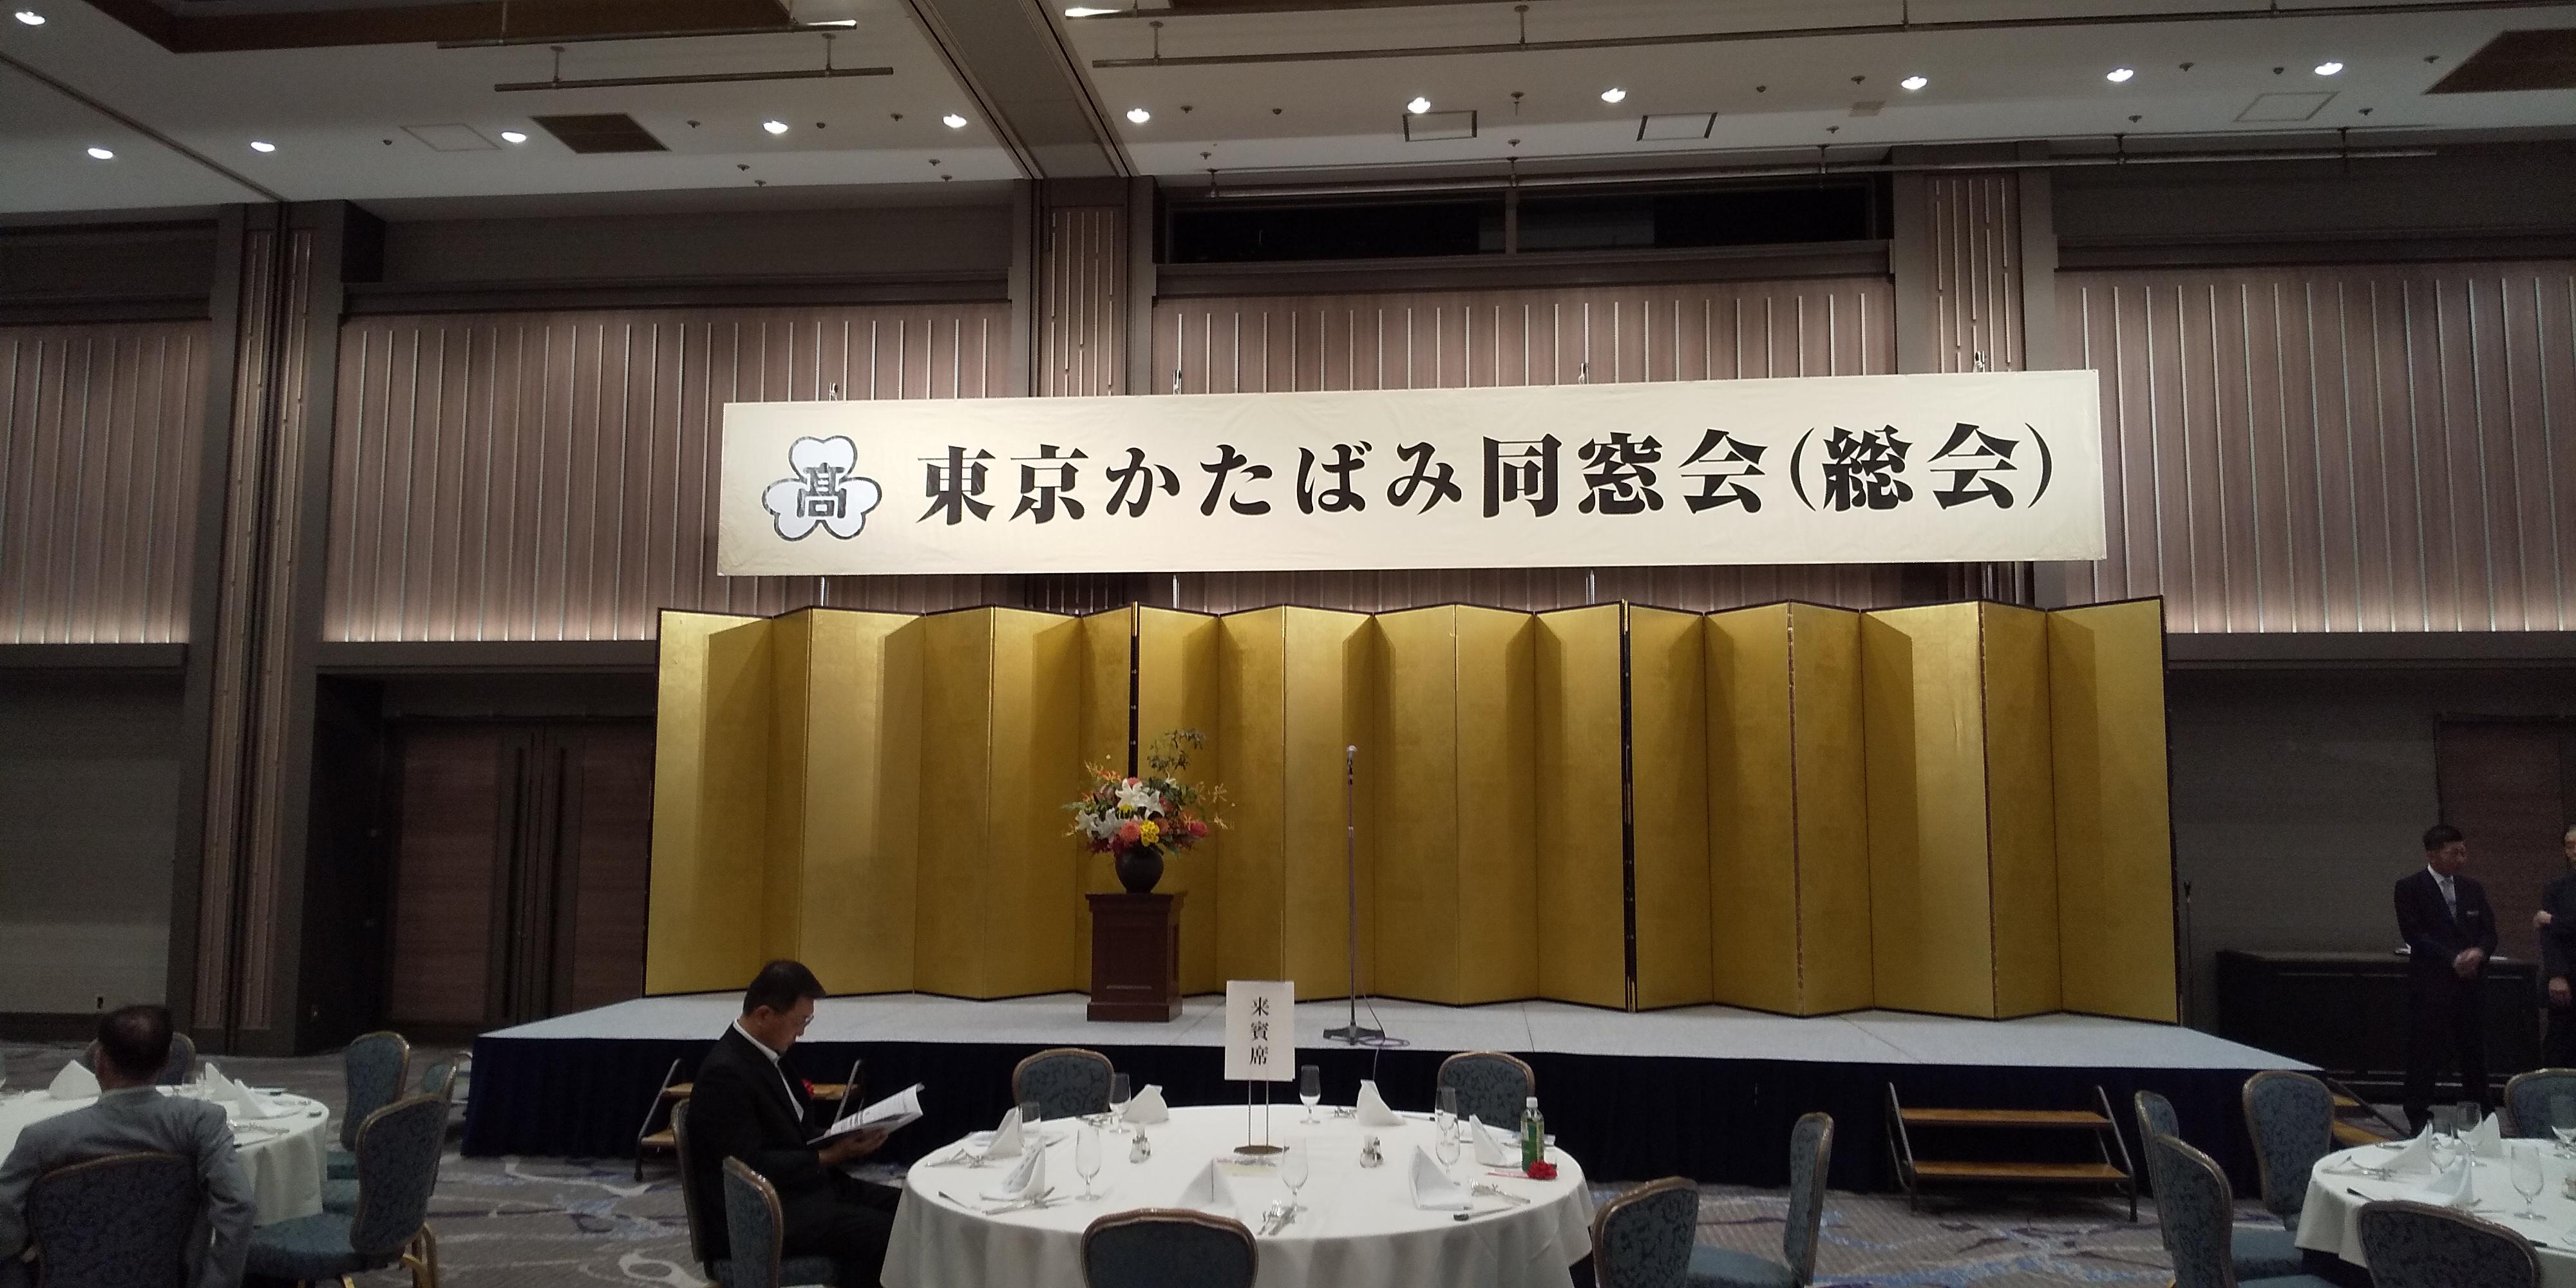 東京かたばみ会に行ってきました。